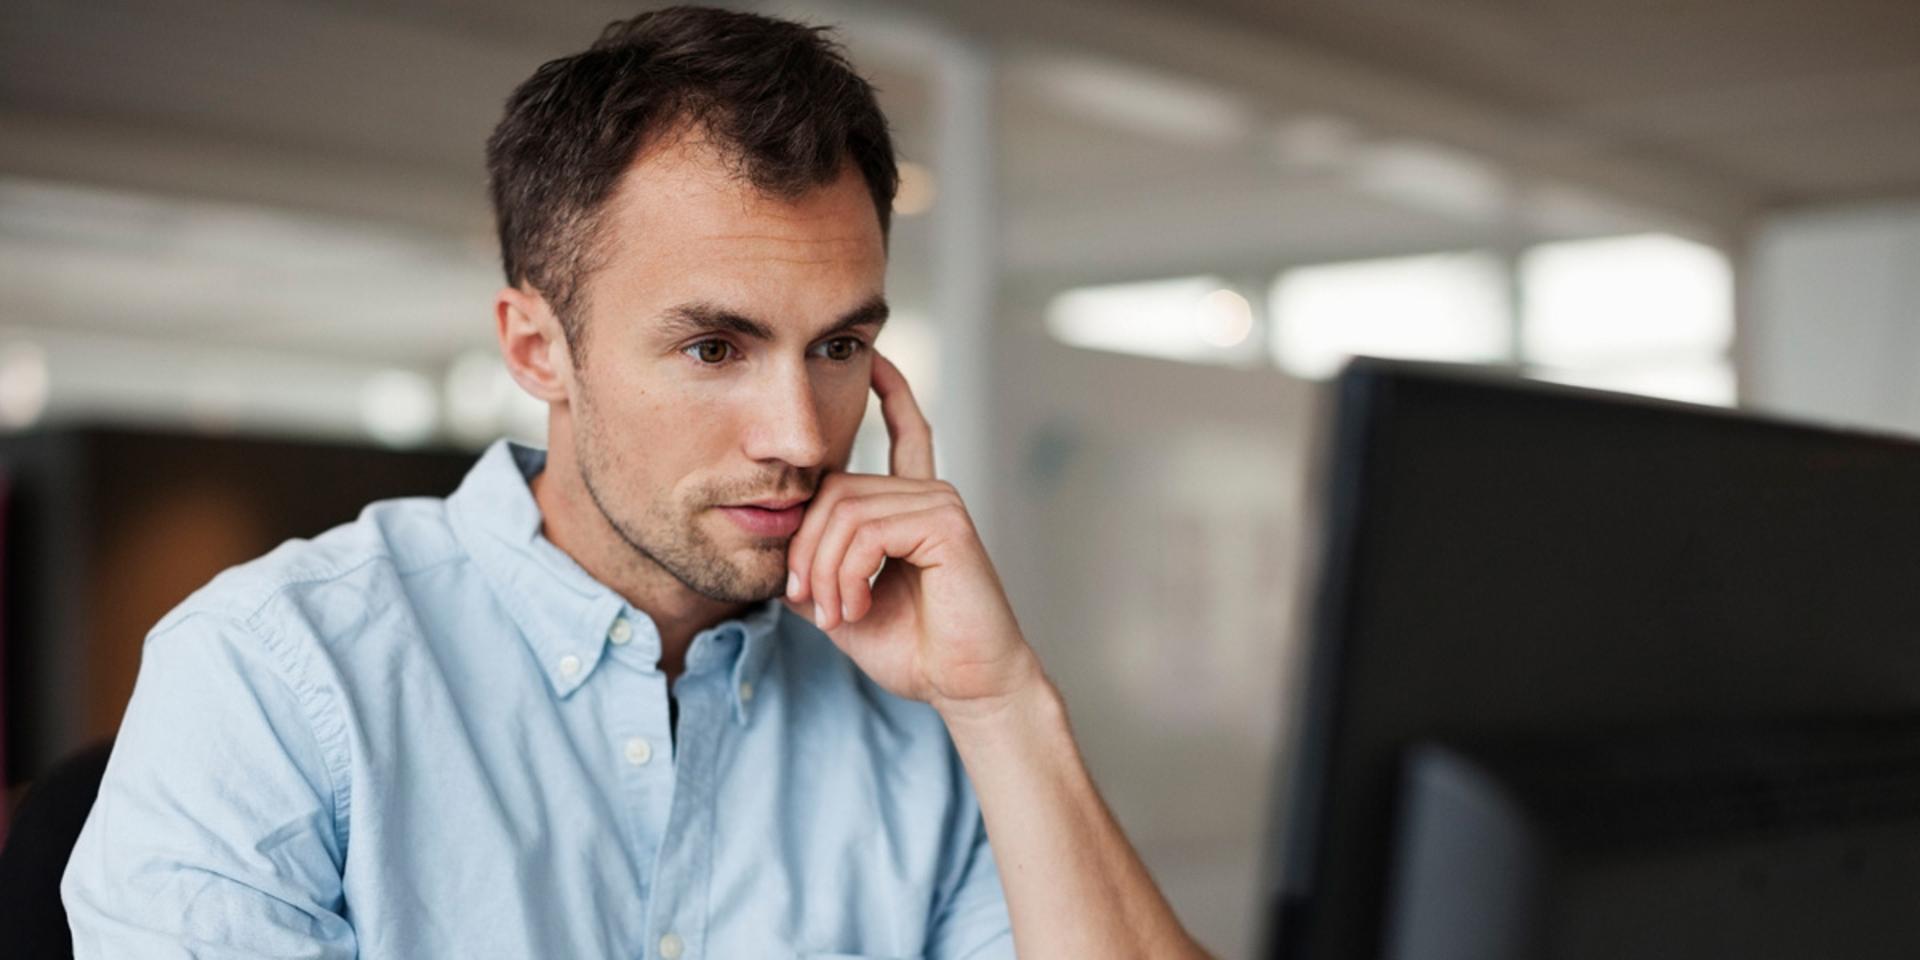 Entwickler und IT-Fachkräfte: Personalvermittlung und Zeitarbeit